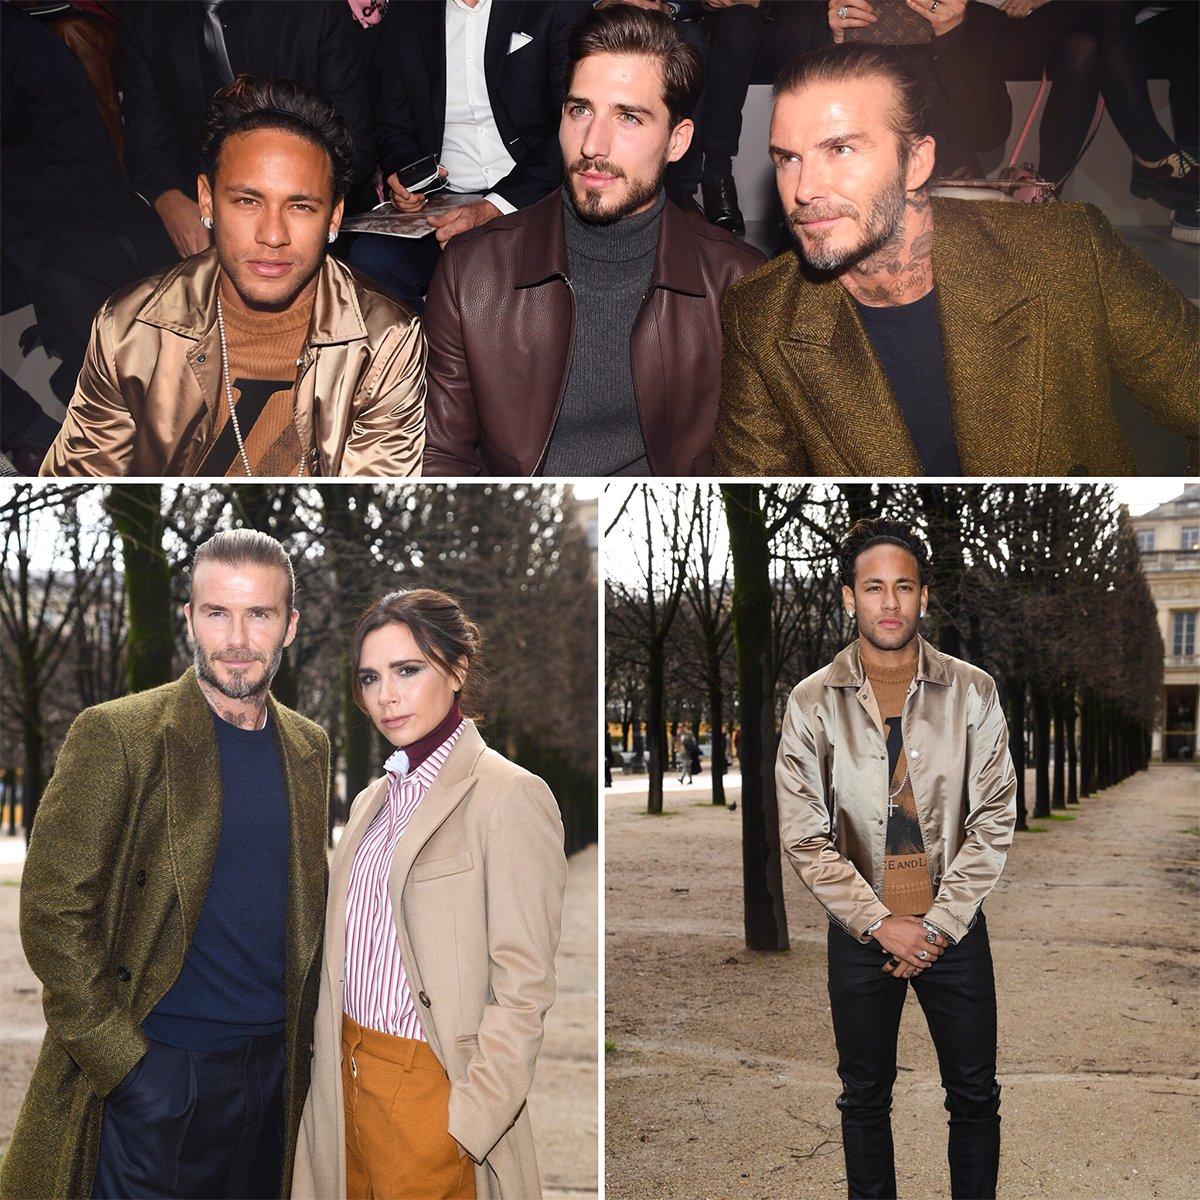 Football meets fashion in Paris.